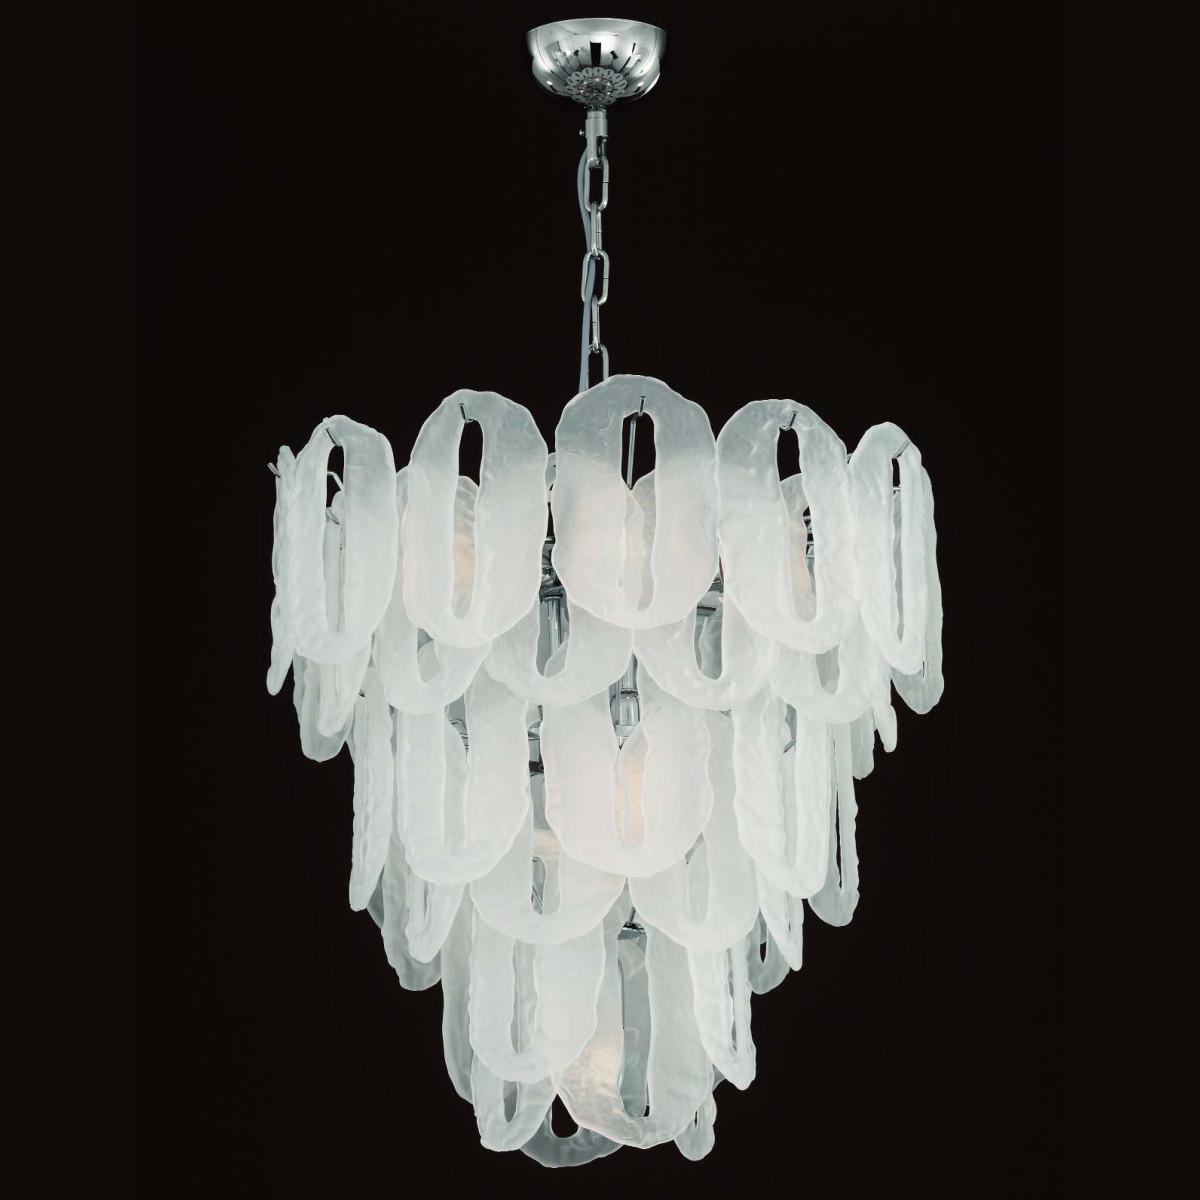 """""""Vicky"""" lampara de cristal de Murano - 7 luces - color hielo"""